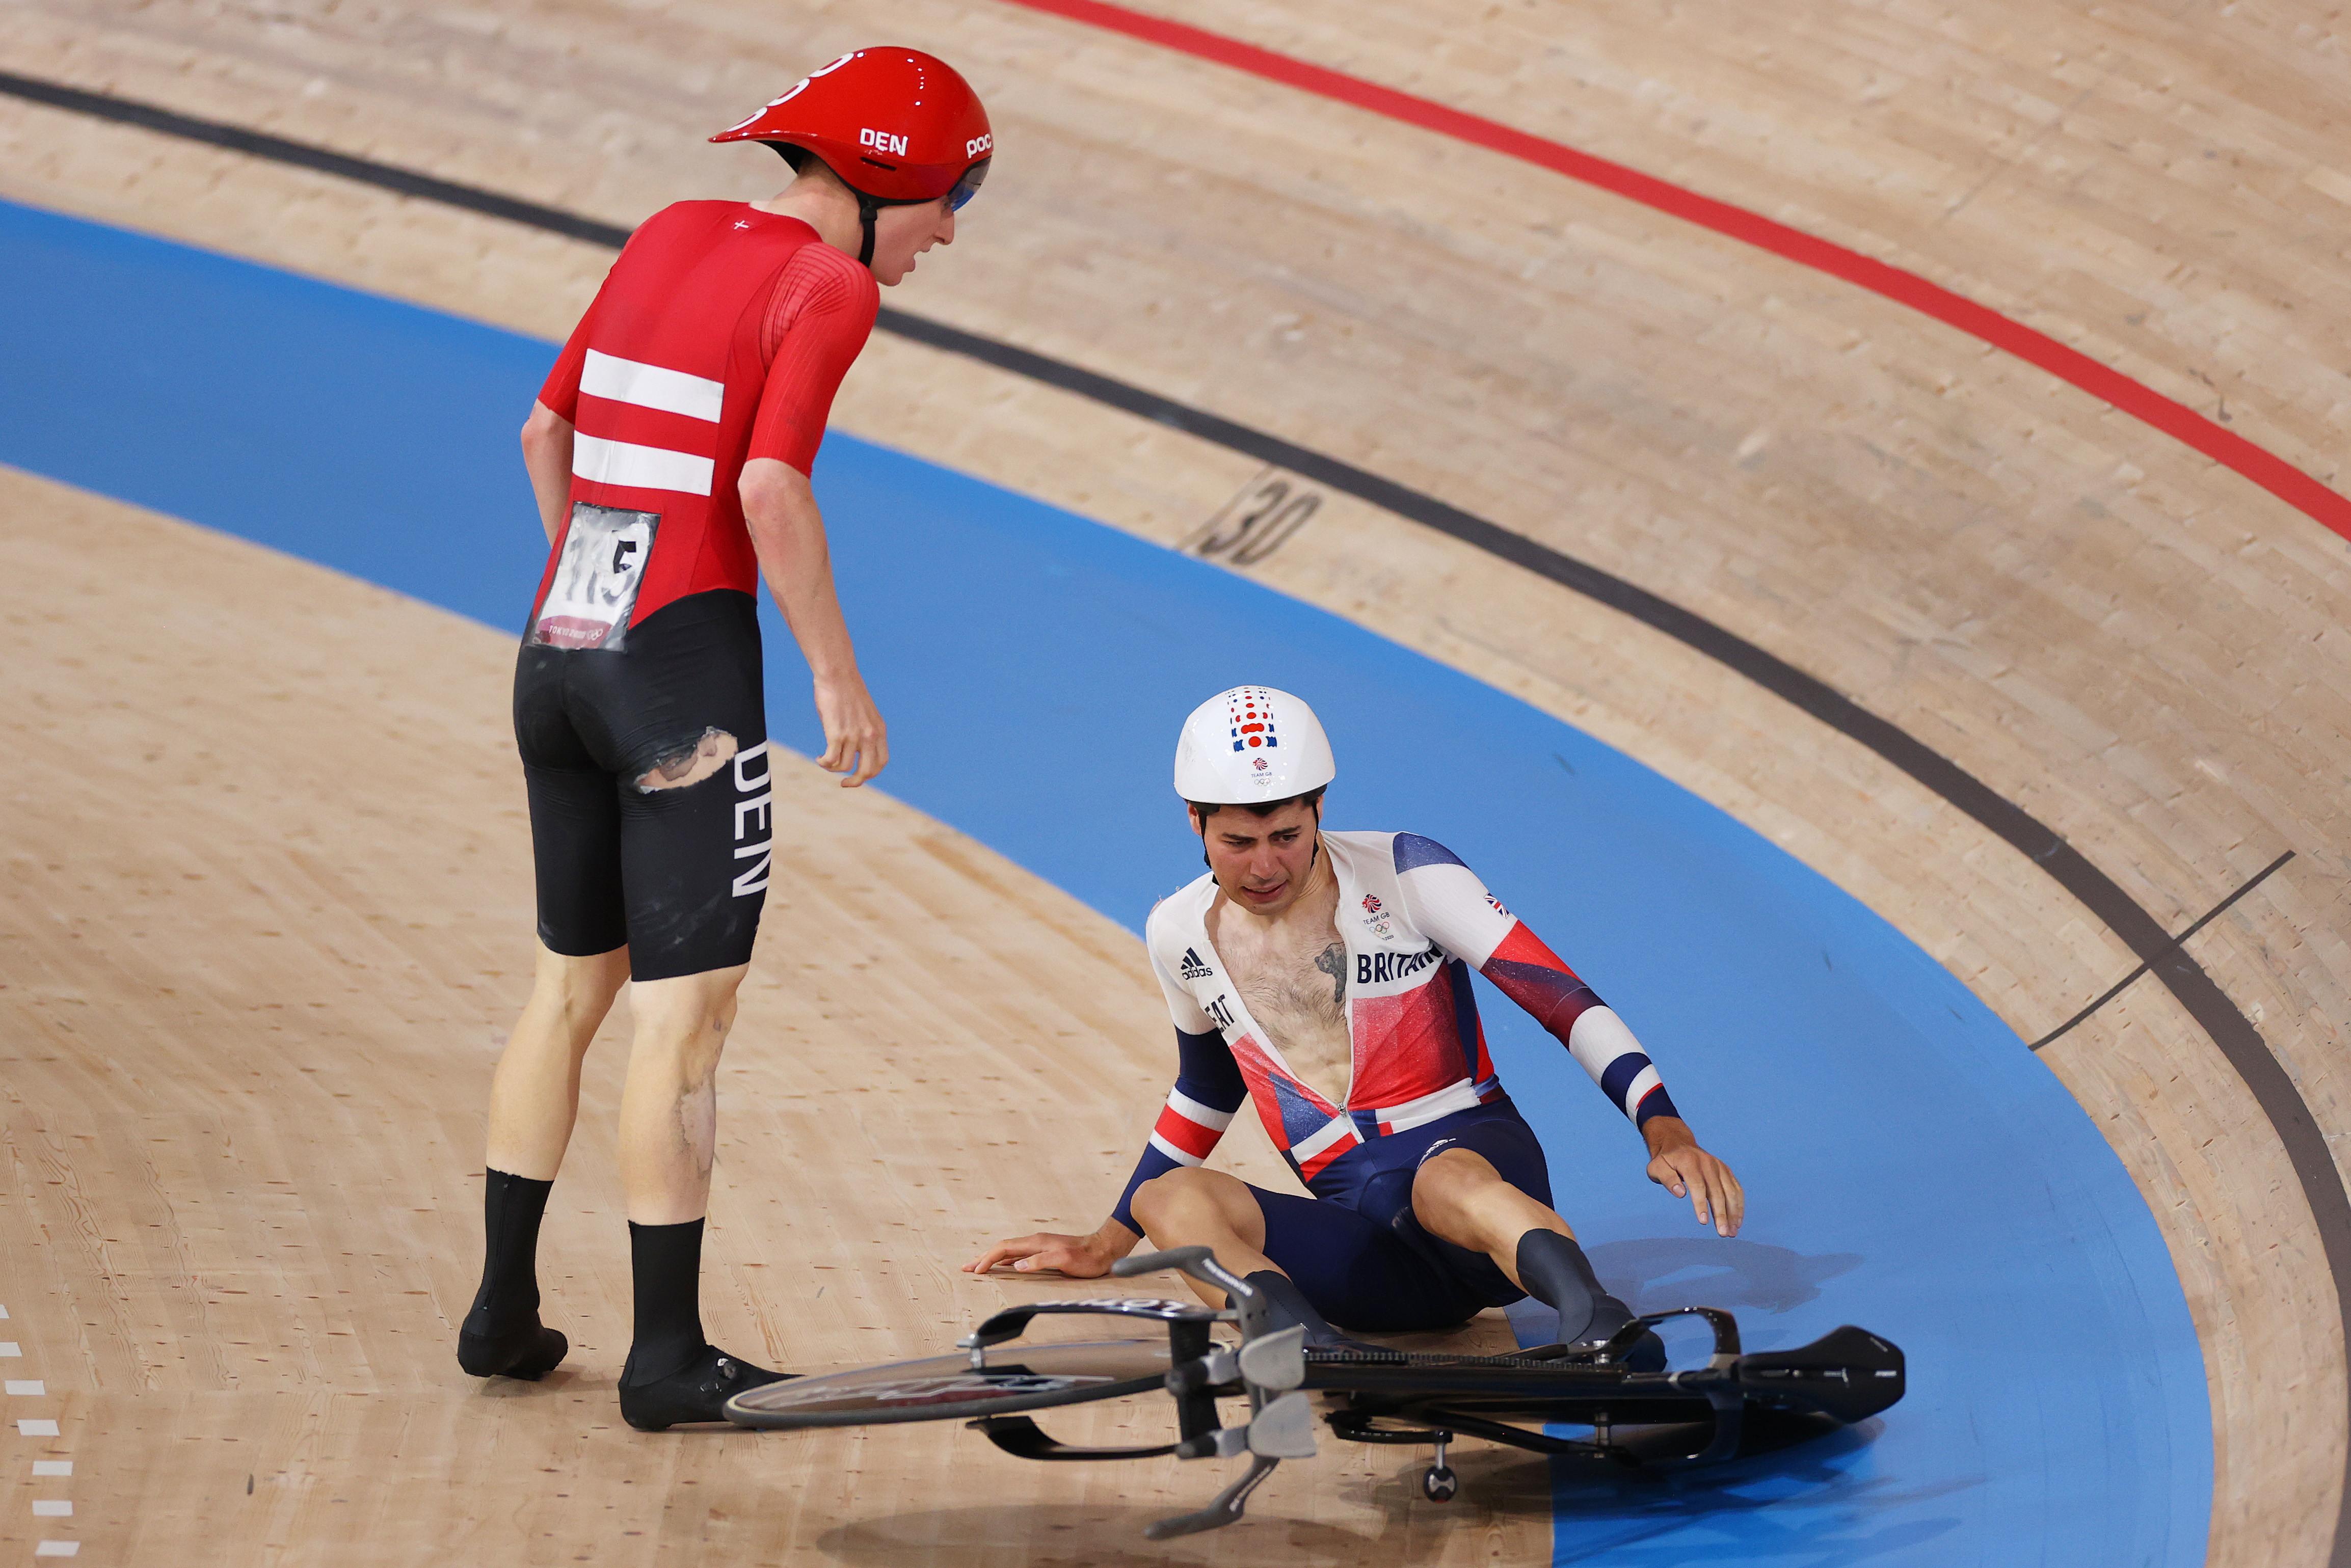 Danimarca in finale nell&#39;inseguimento maschile di ciclismo su pista contro l&#39;Italia, nonostante la caduta in semifinale. Mentre i danesi stavano doppiando gli inglesi,&nbsp;Frederik Madsen ha tamponato&nbsp;Charlie Tanfield. Nordici che comunque accedono all&#39;ultimo atto perch&eacute; arrivati a un metro dal terzo avversario e quindi qualificati come da regolamento.<br /><br />